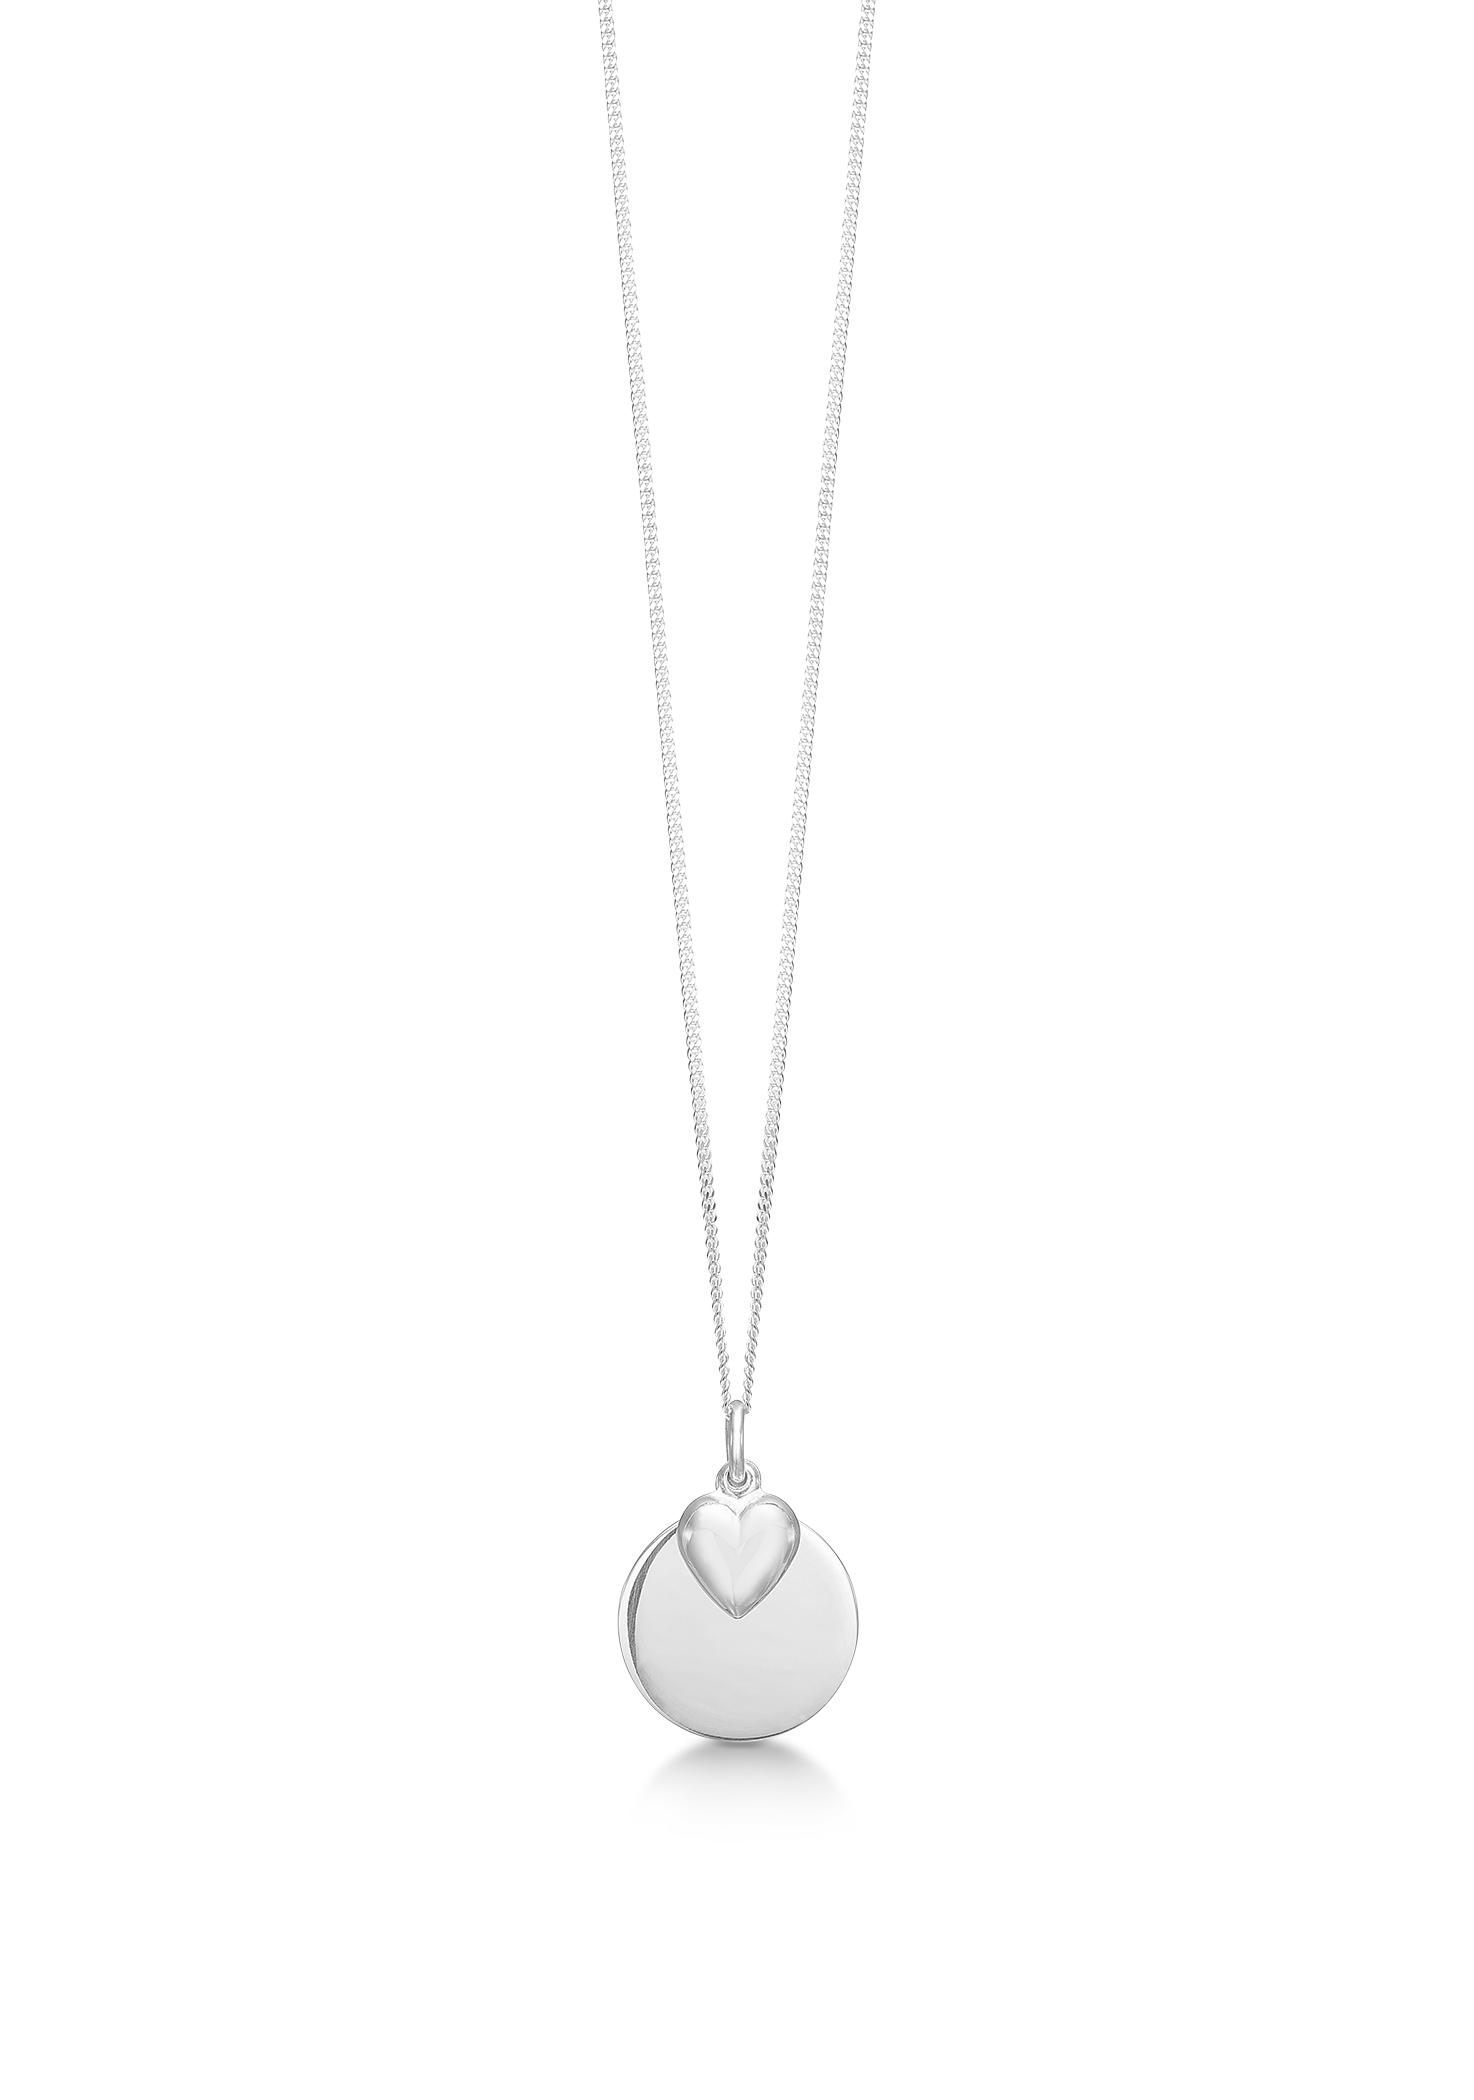 aagaard Aagaard sølv collier med blank plade & hjerte - 11302946-40 på brodersen + kobborg